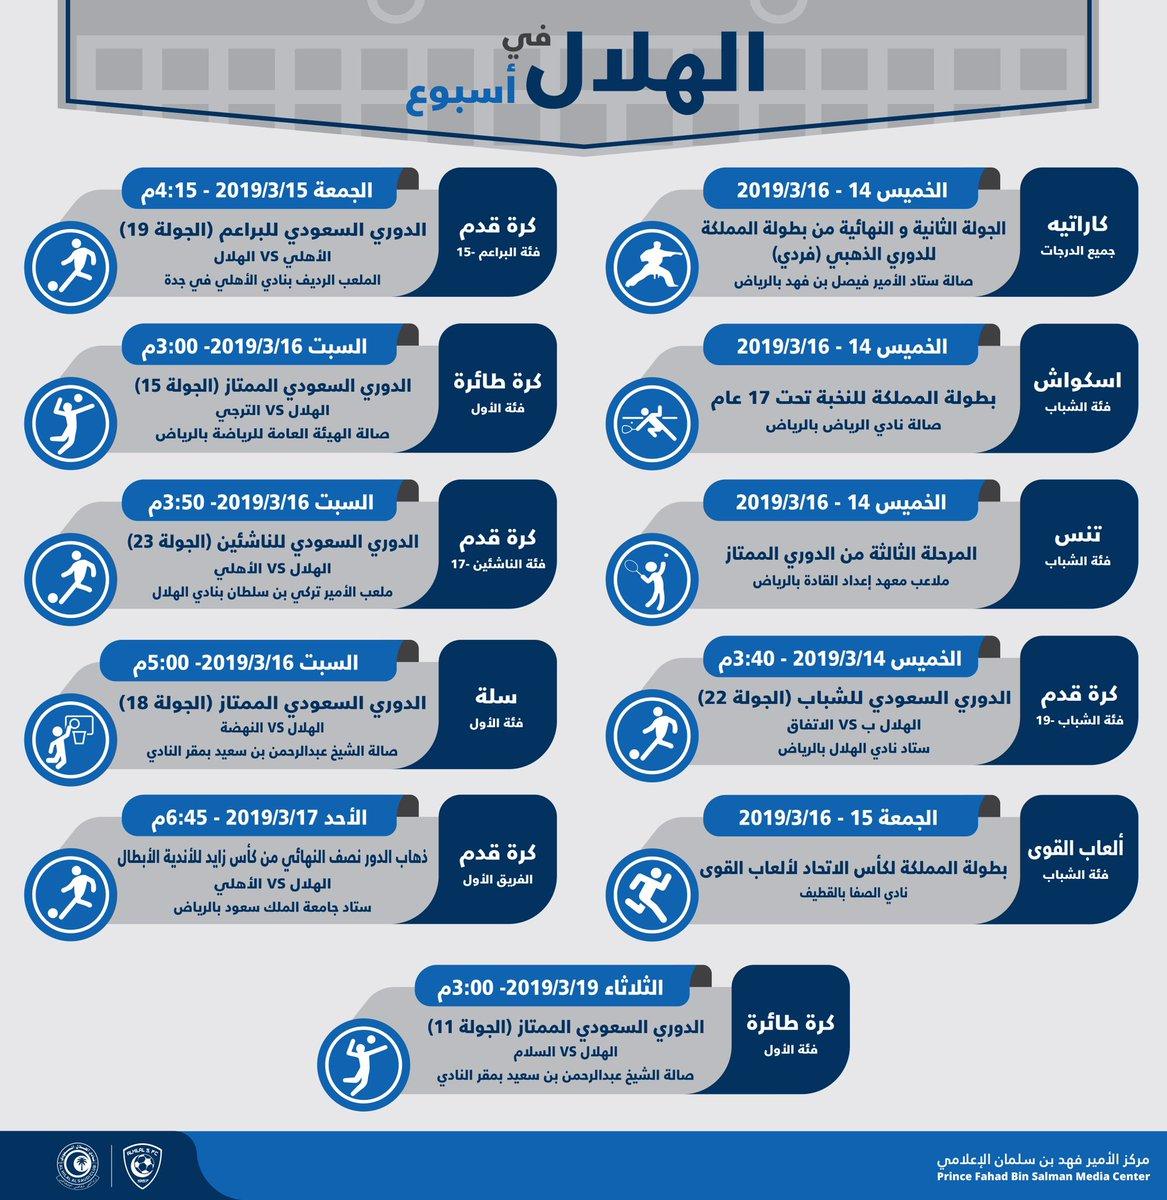 نادي الهلال السعودي On Twitter الهلال في أسبوع